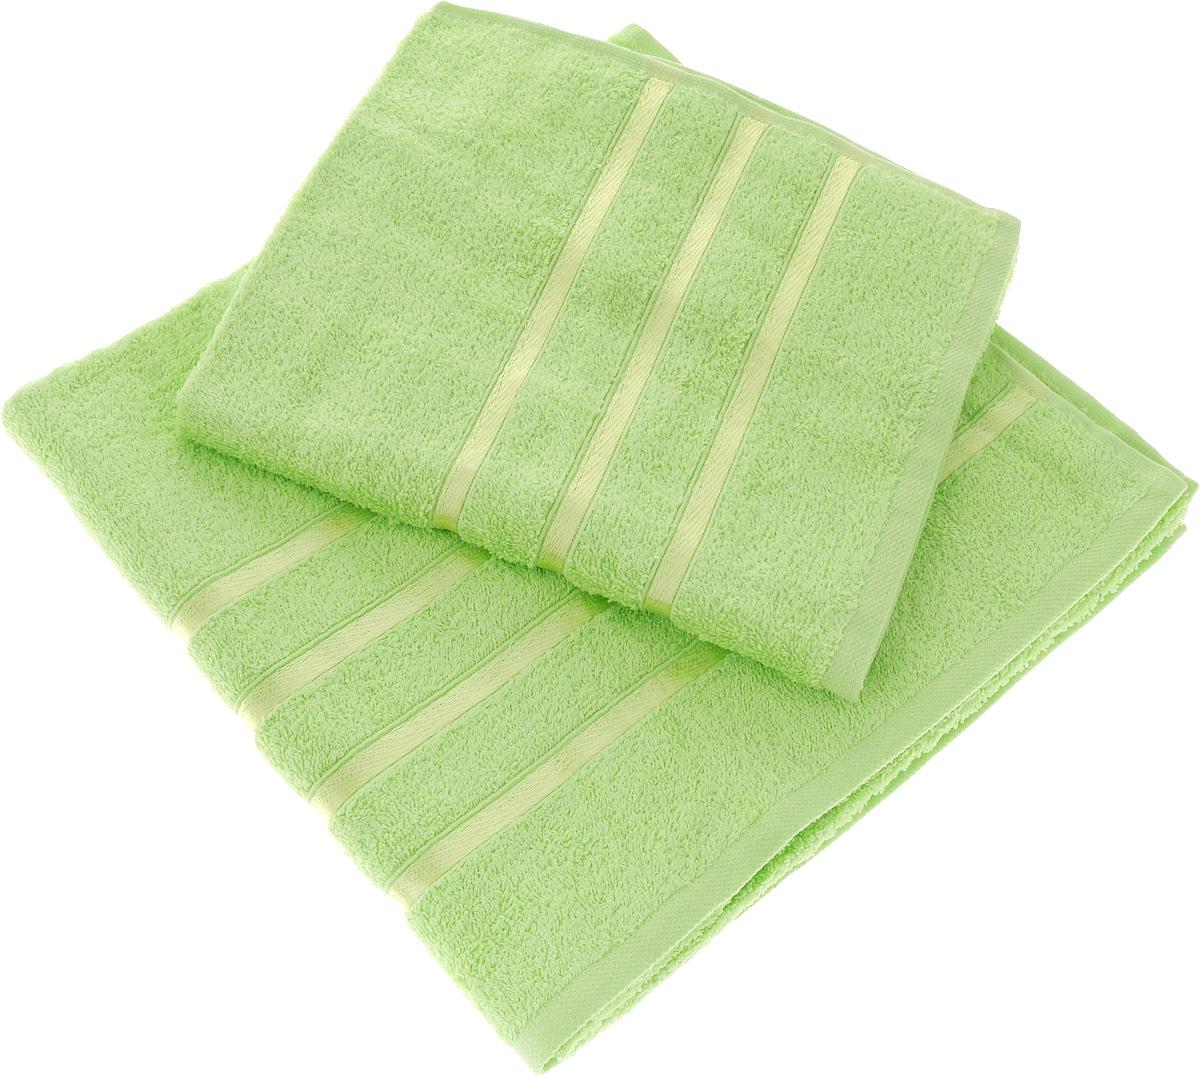 Набор полотенец Tete-a-Tete Ленты, цвет: салатовый, 2 шт. УНП-10168/5/4Набор Tete-a-Tete Ленты состоит из двух махровых полотенец, выполненных из натурального 100% хлопка. Бордюр полотенец декорирован лентами. Изделия мягкие, отлично впитывают влагу, быстро сохнут, сохраняют яркость цвета и не теряют форму даже после многократных стирок. Полотенца Tete-a-Tete Ленты очень практичны и неприхотливы в уходе. Они легко впишутся в любой интерьер благодаря своей яркой цветовой гамме.